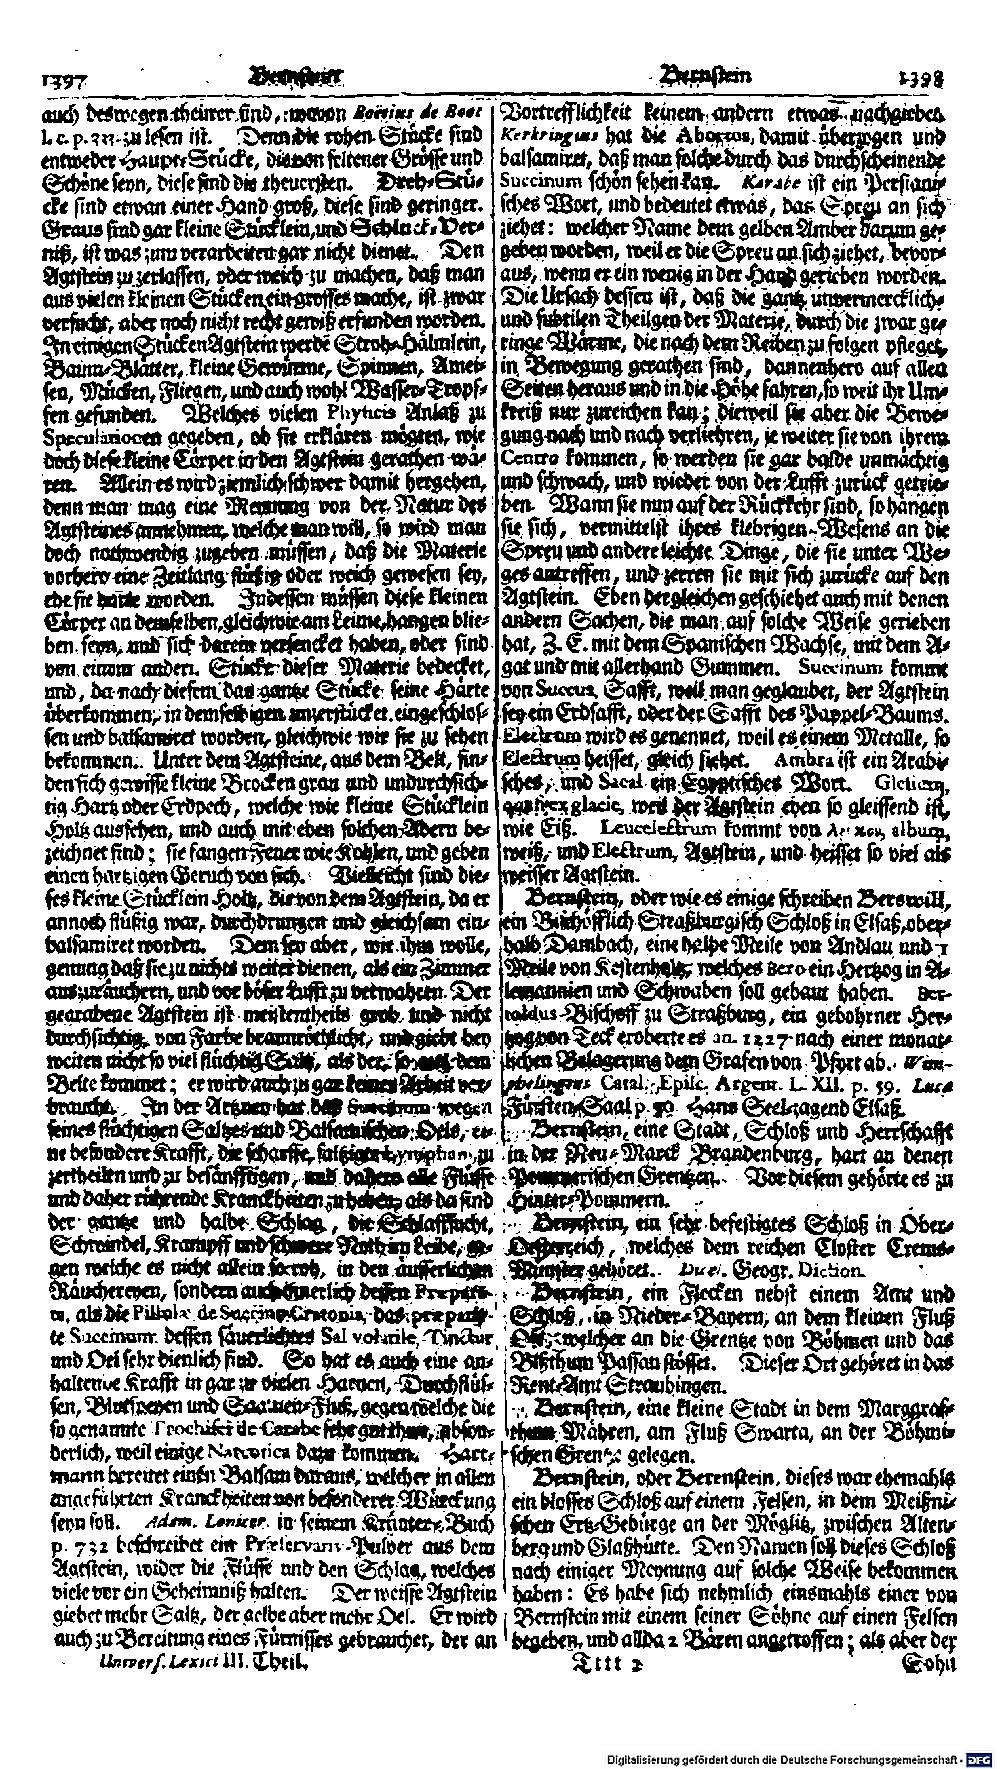 Bd. 03, Seite 0714.